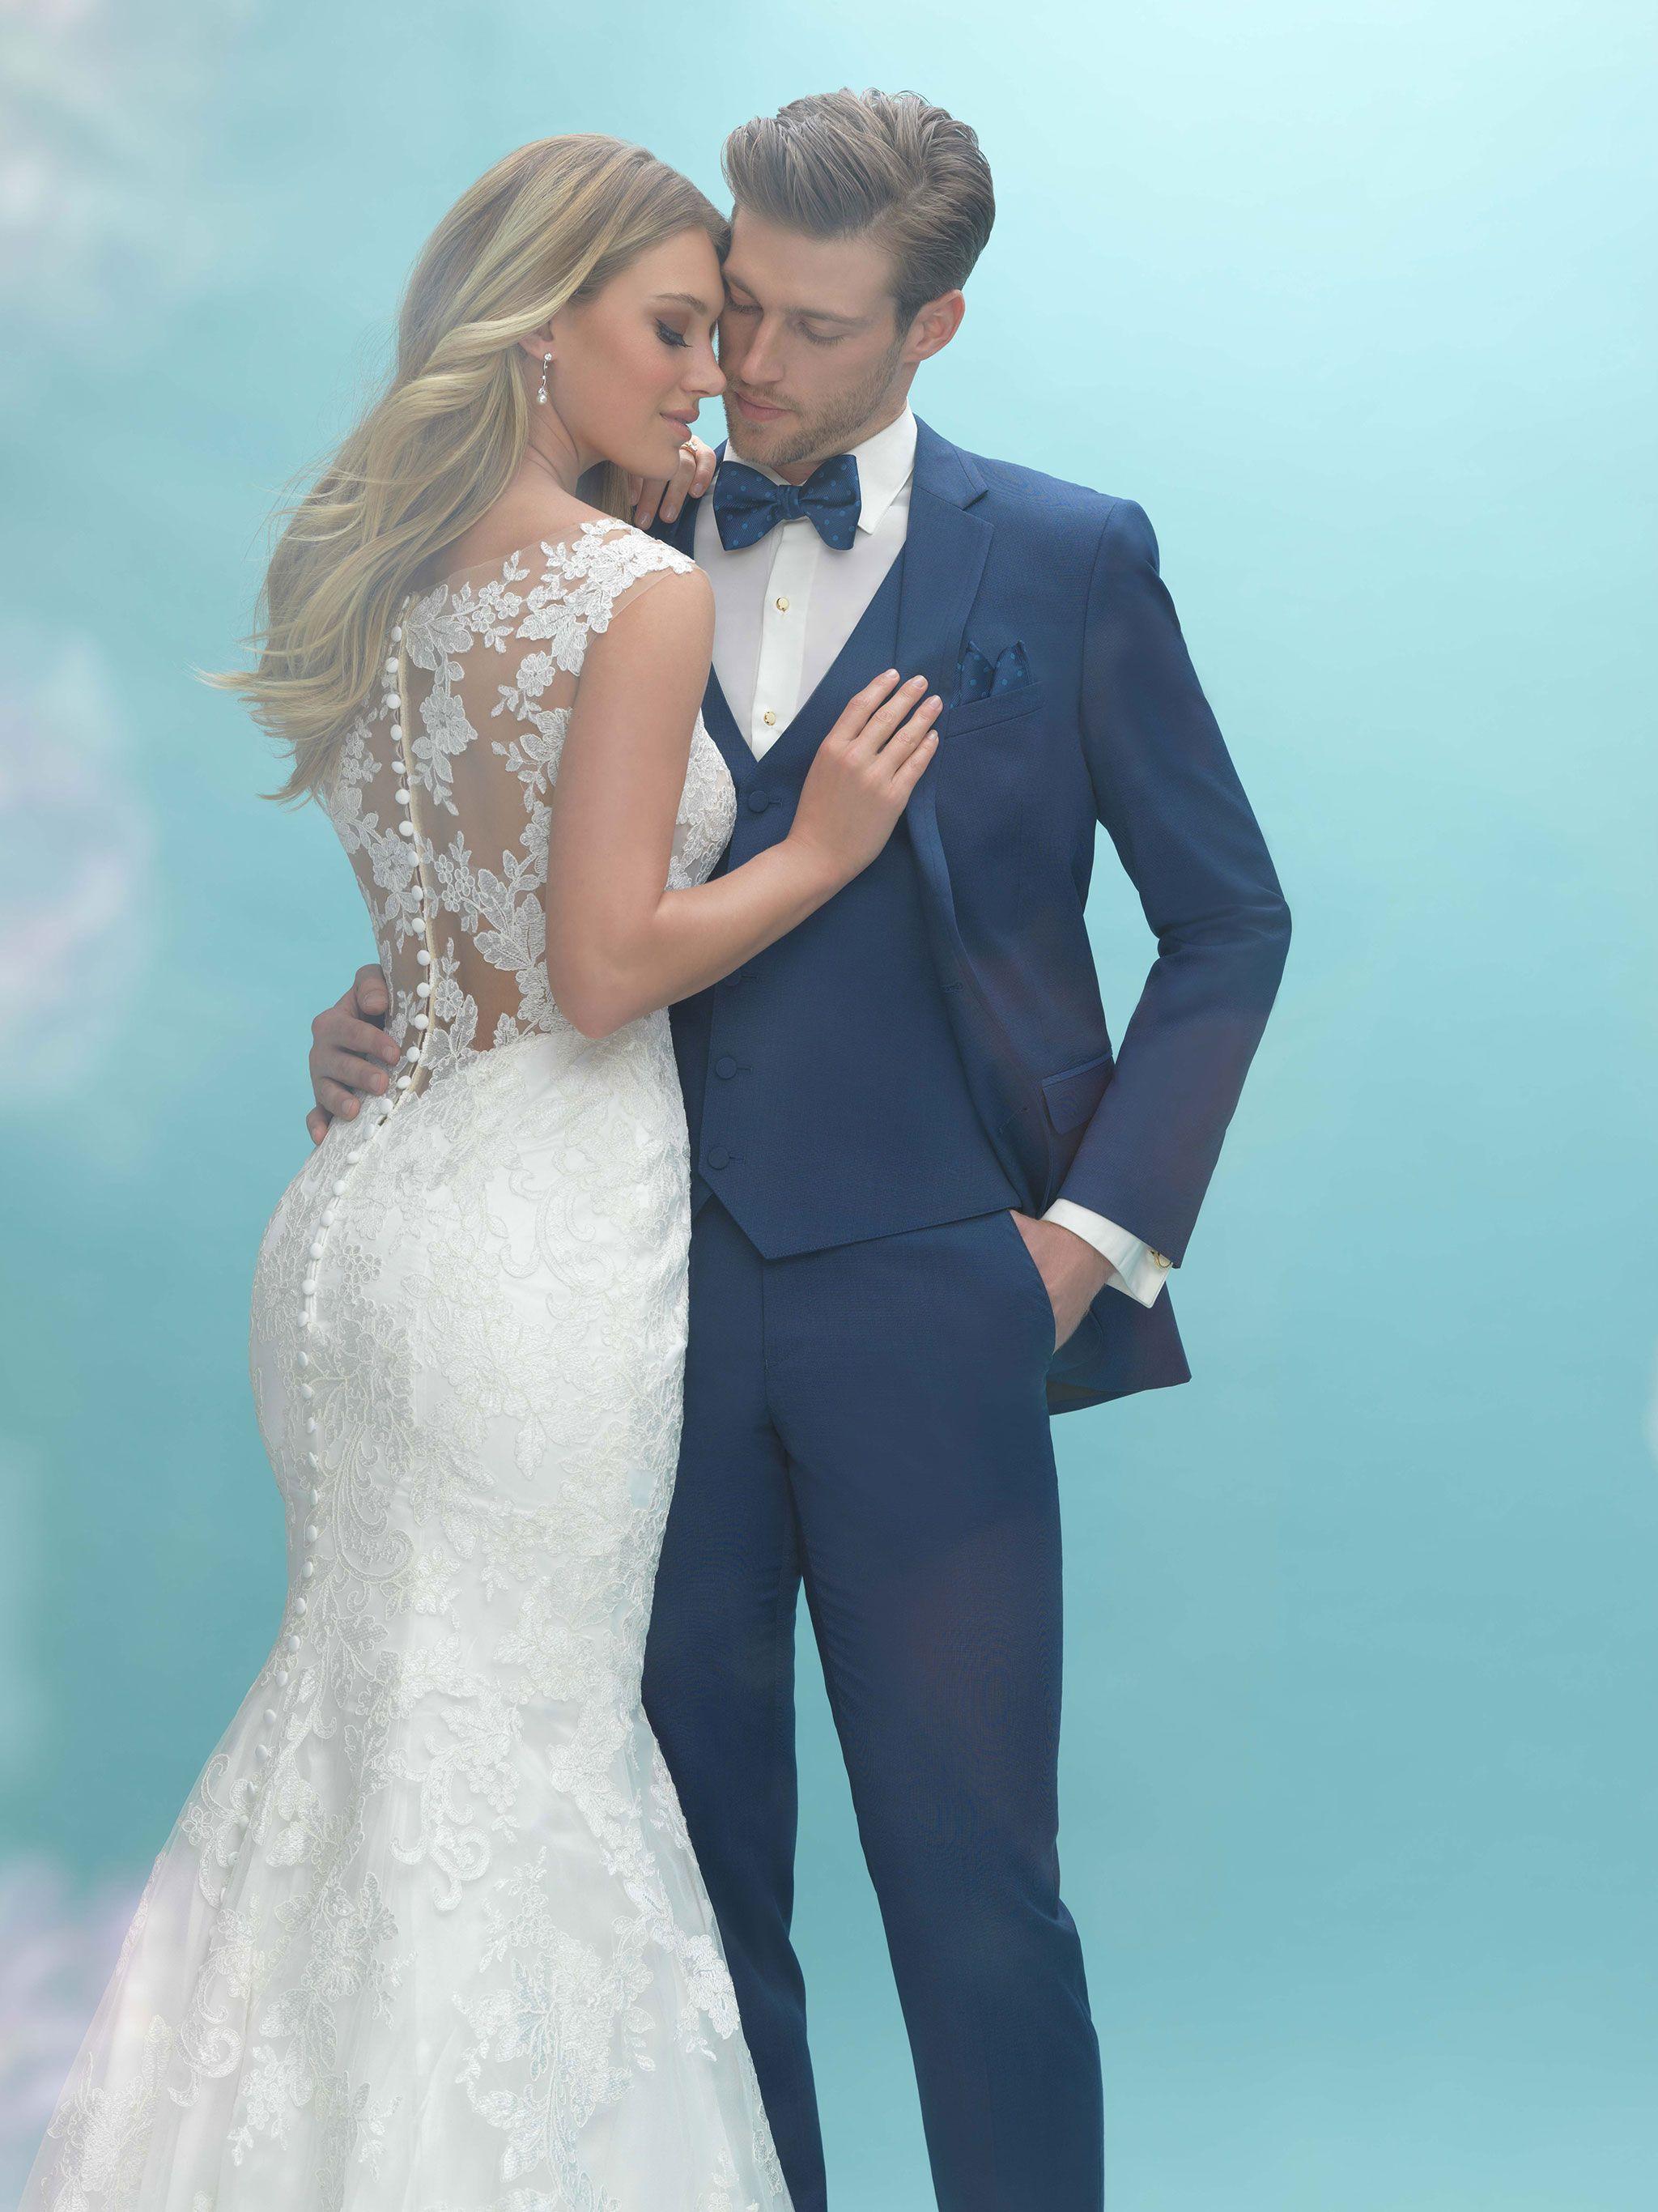 Fancy Wedding Dress Shops Wigan Crest - Colorful Wedding Dress Ideas ...